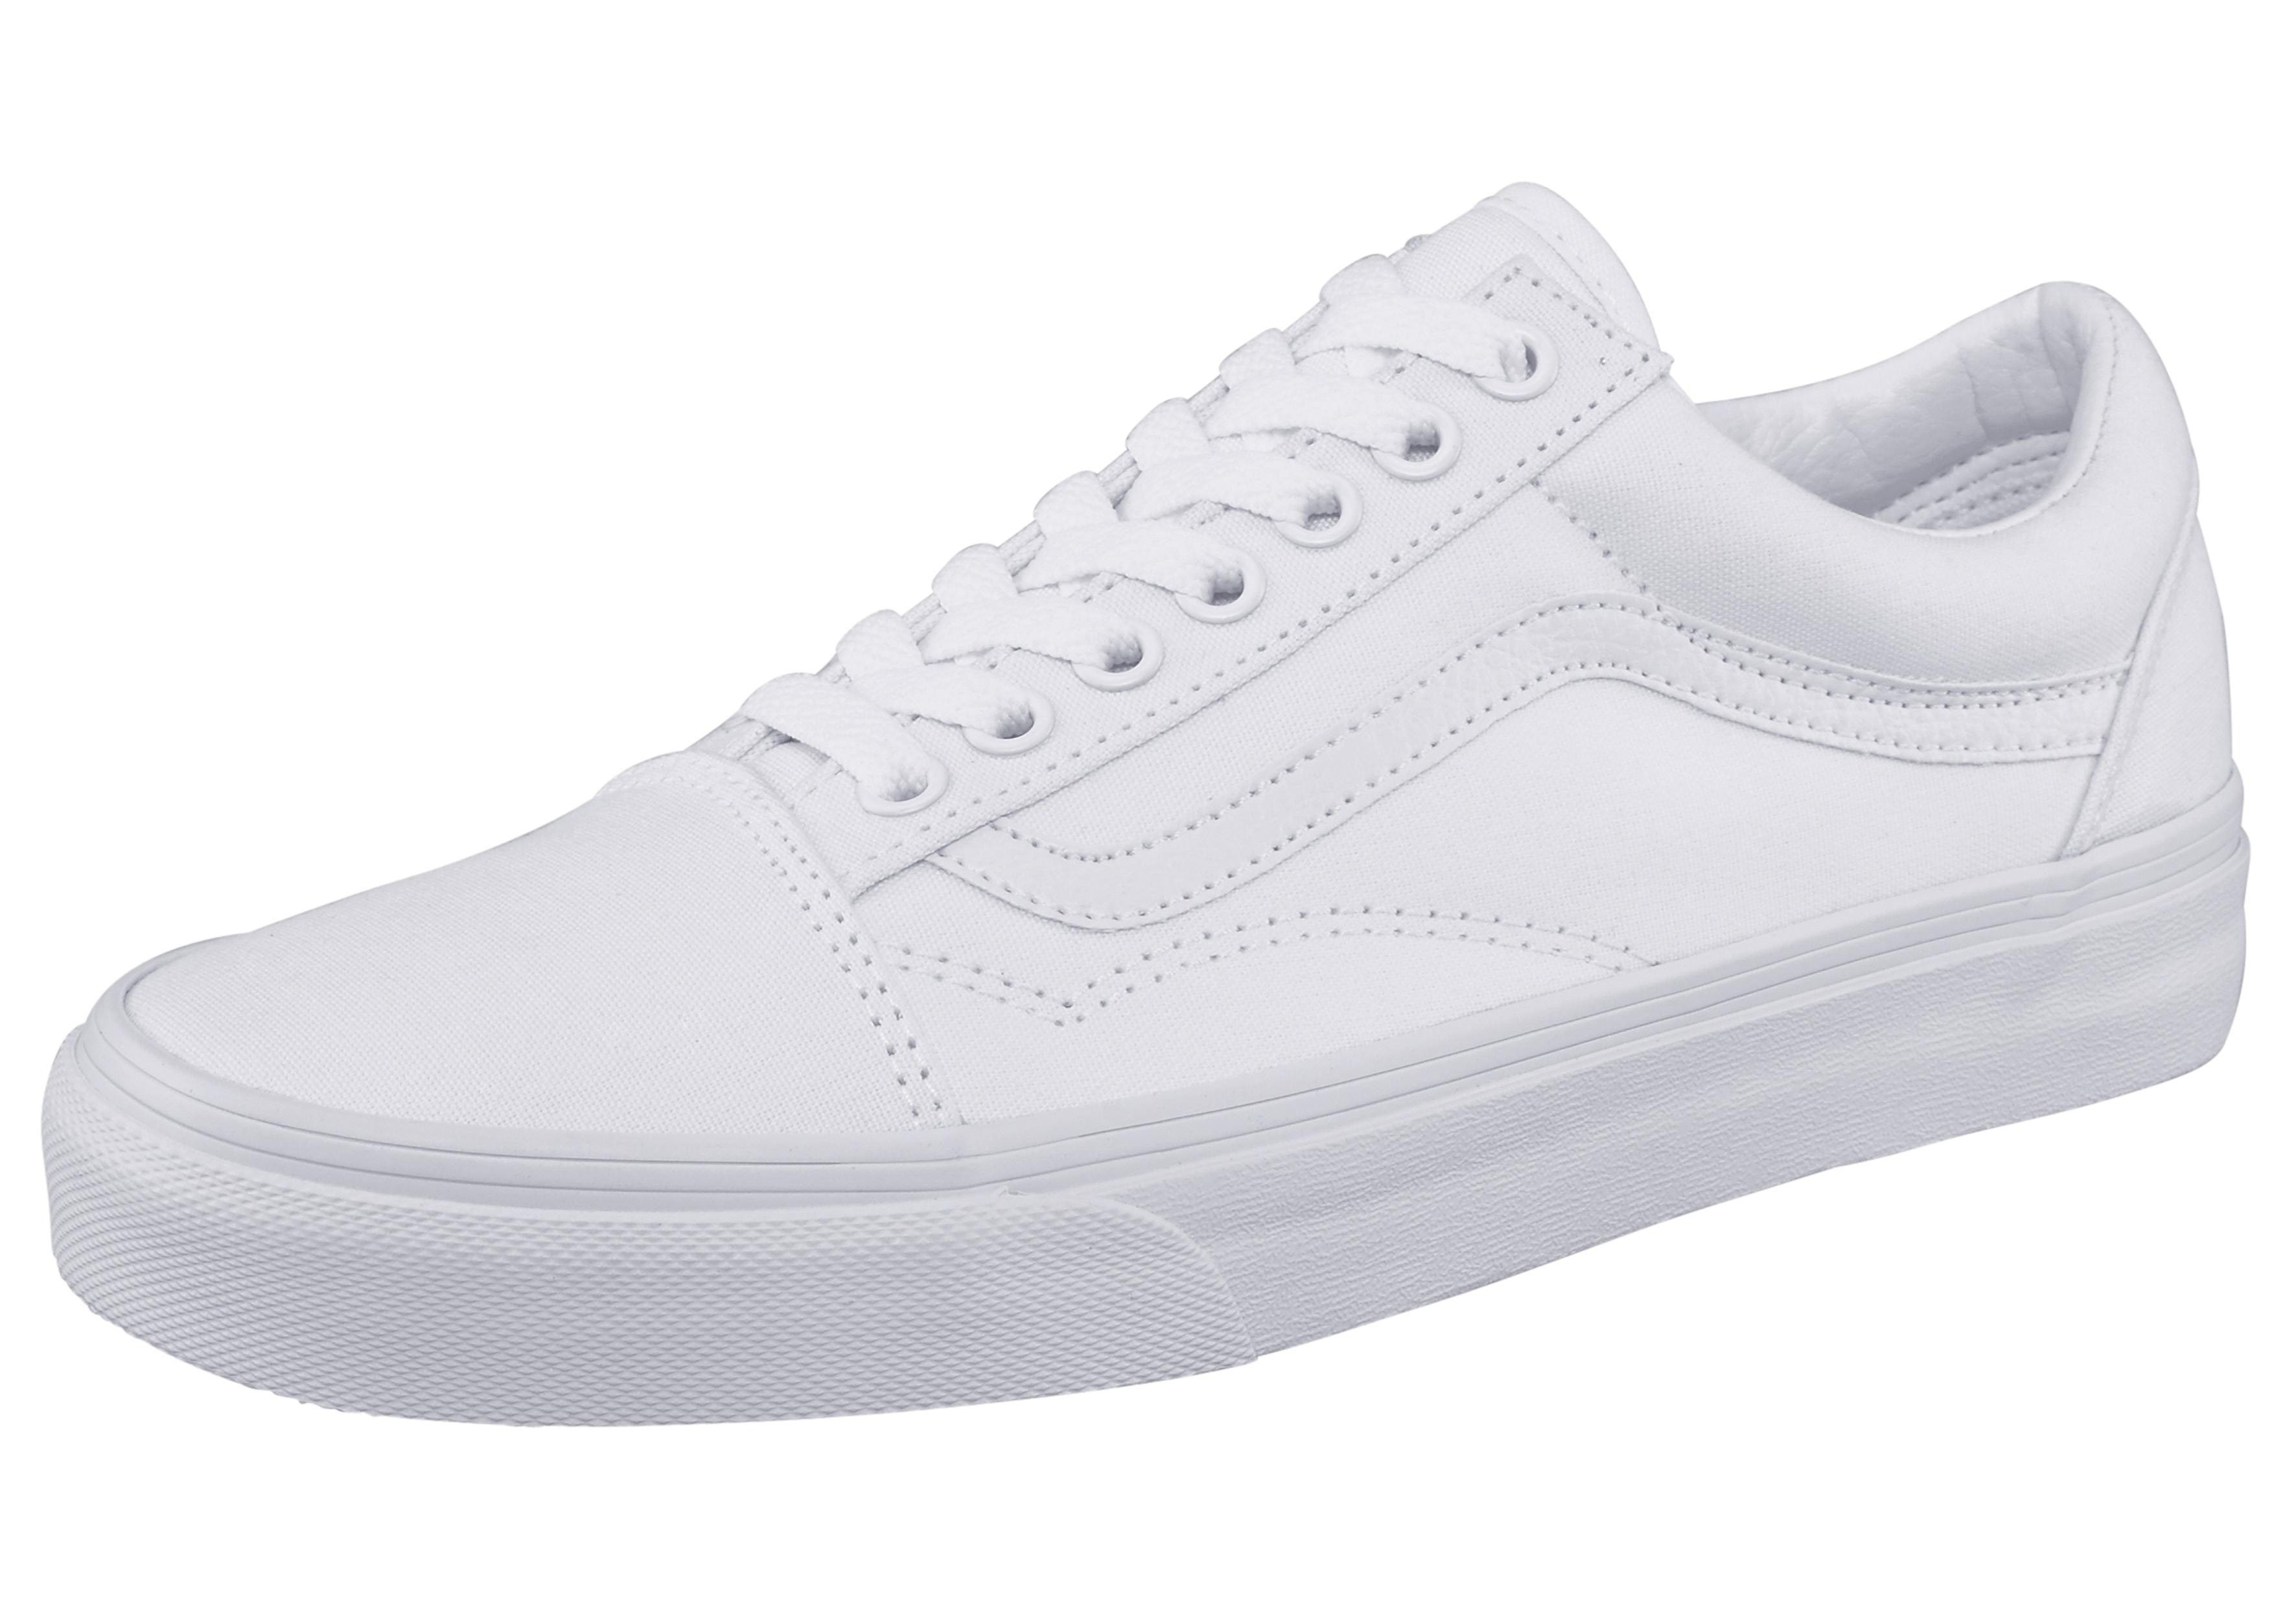 vans schoenen vallen groot of klein